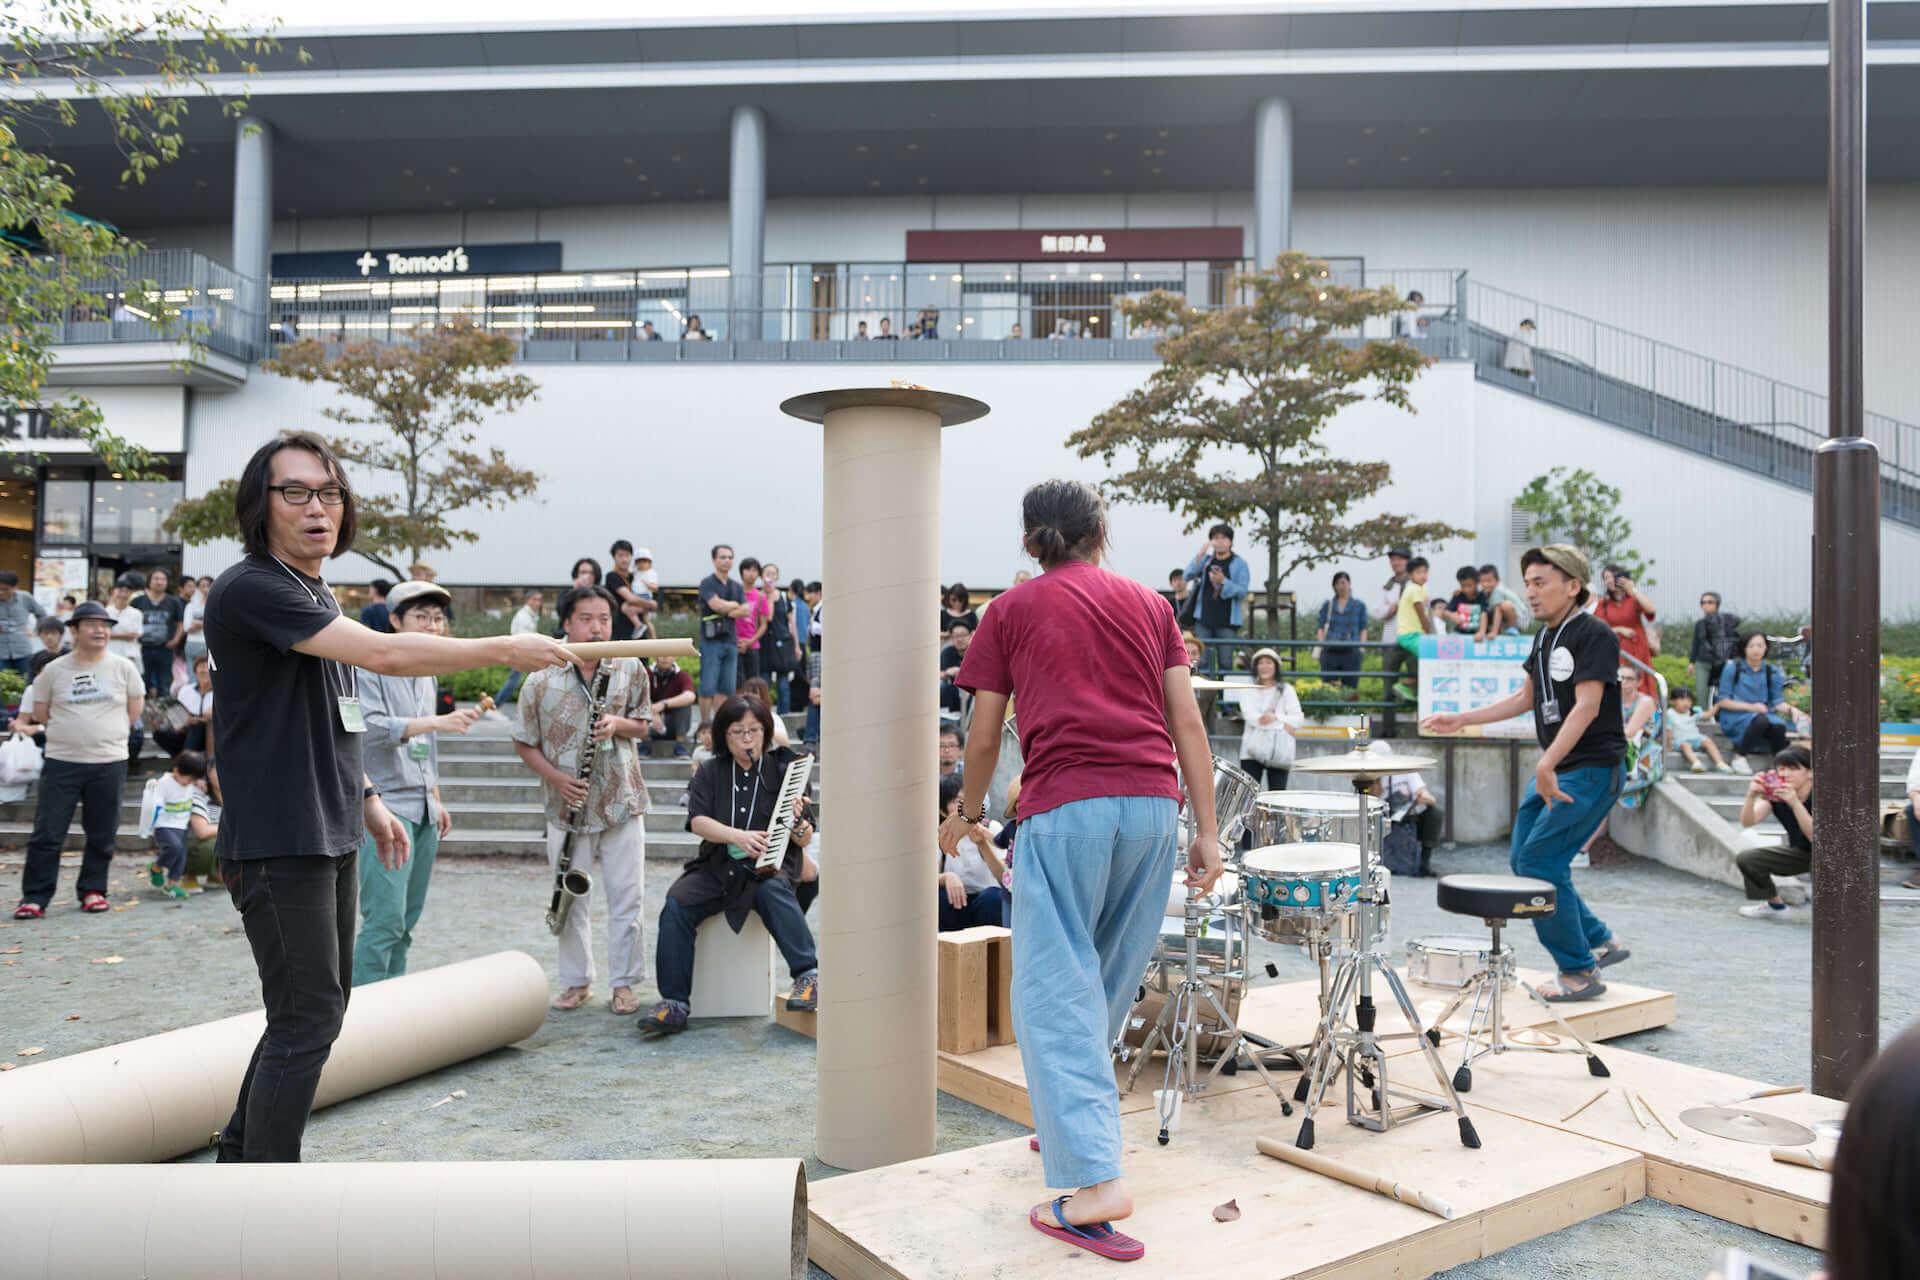 巻上公一らが出演する、即興音楽とアートのフェスティバル<JAZZ ART せんがわ 2019>開催決定!クラウドファンディング実施中 music190814jazzart_8-1920x1280